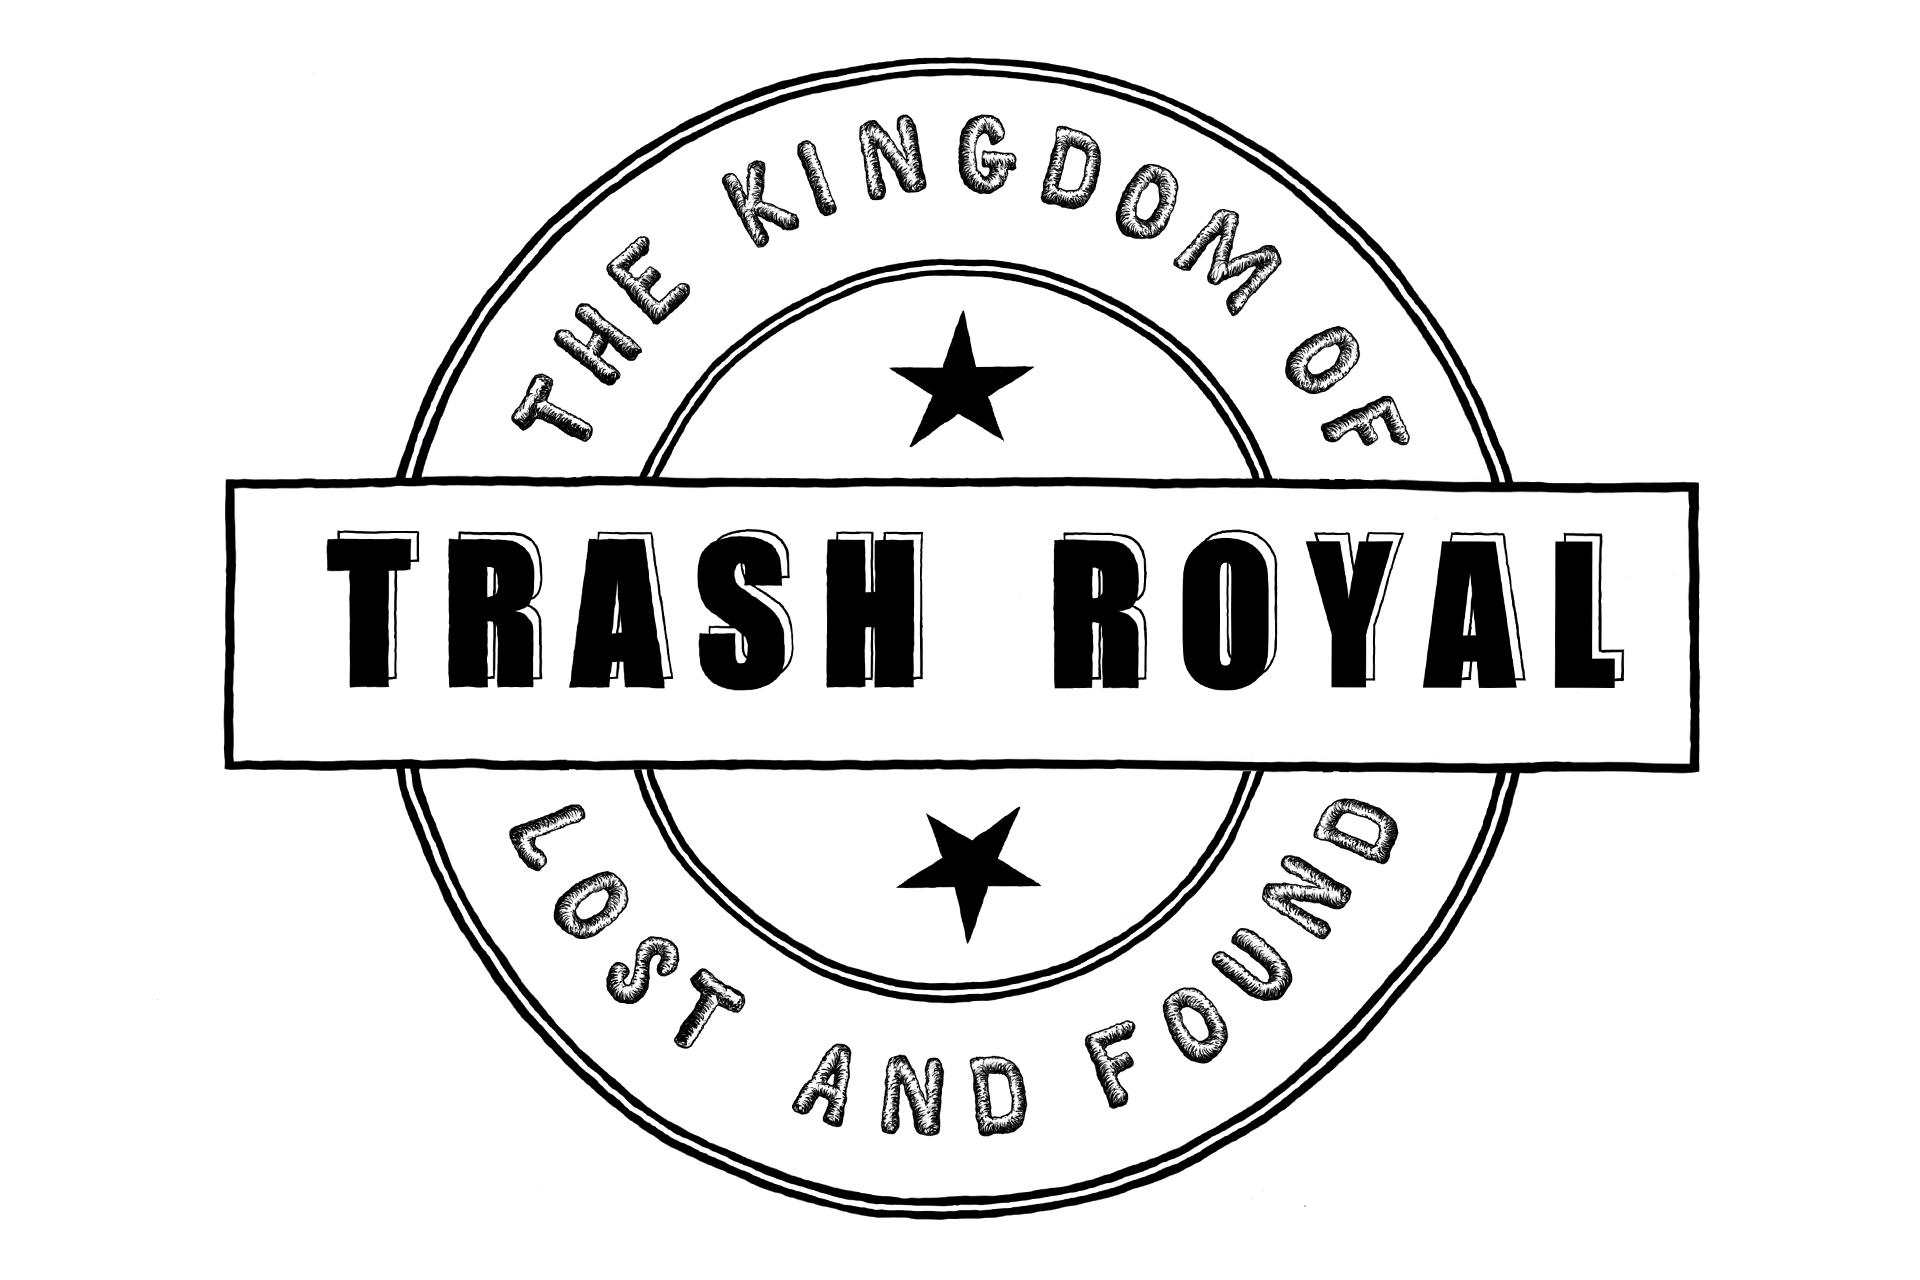 TRASH ROYAL